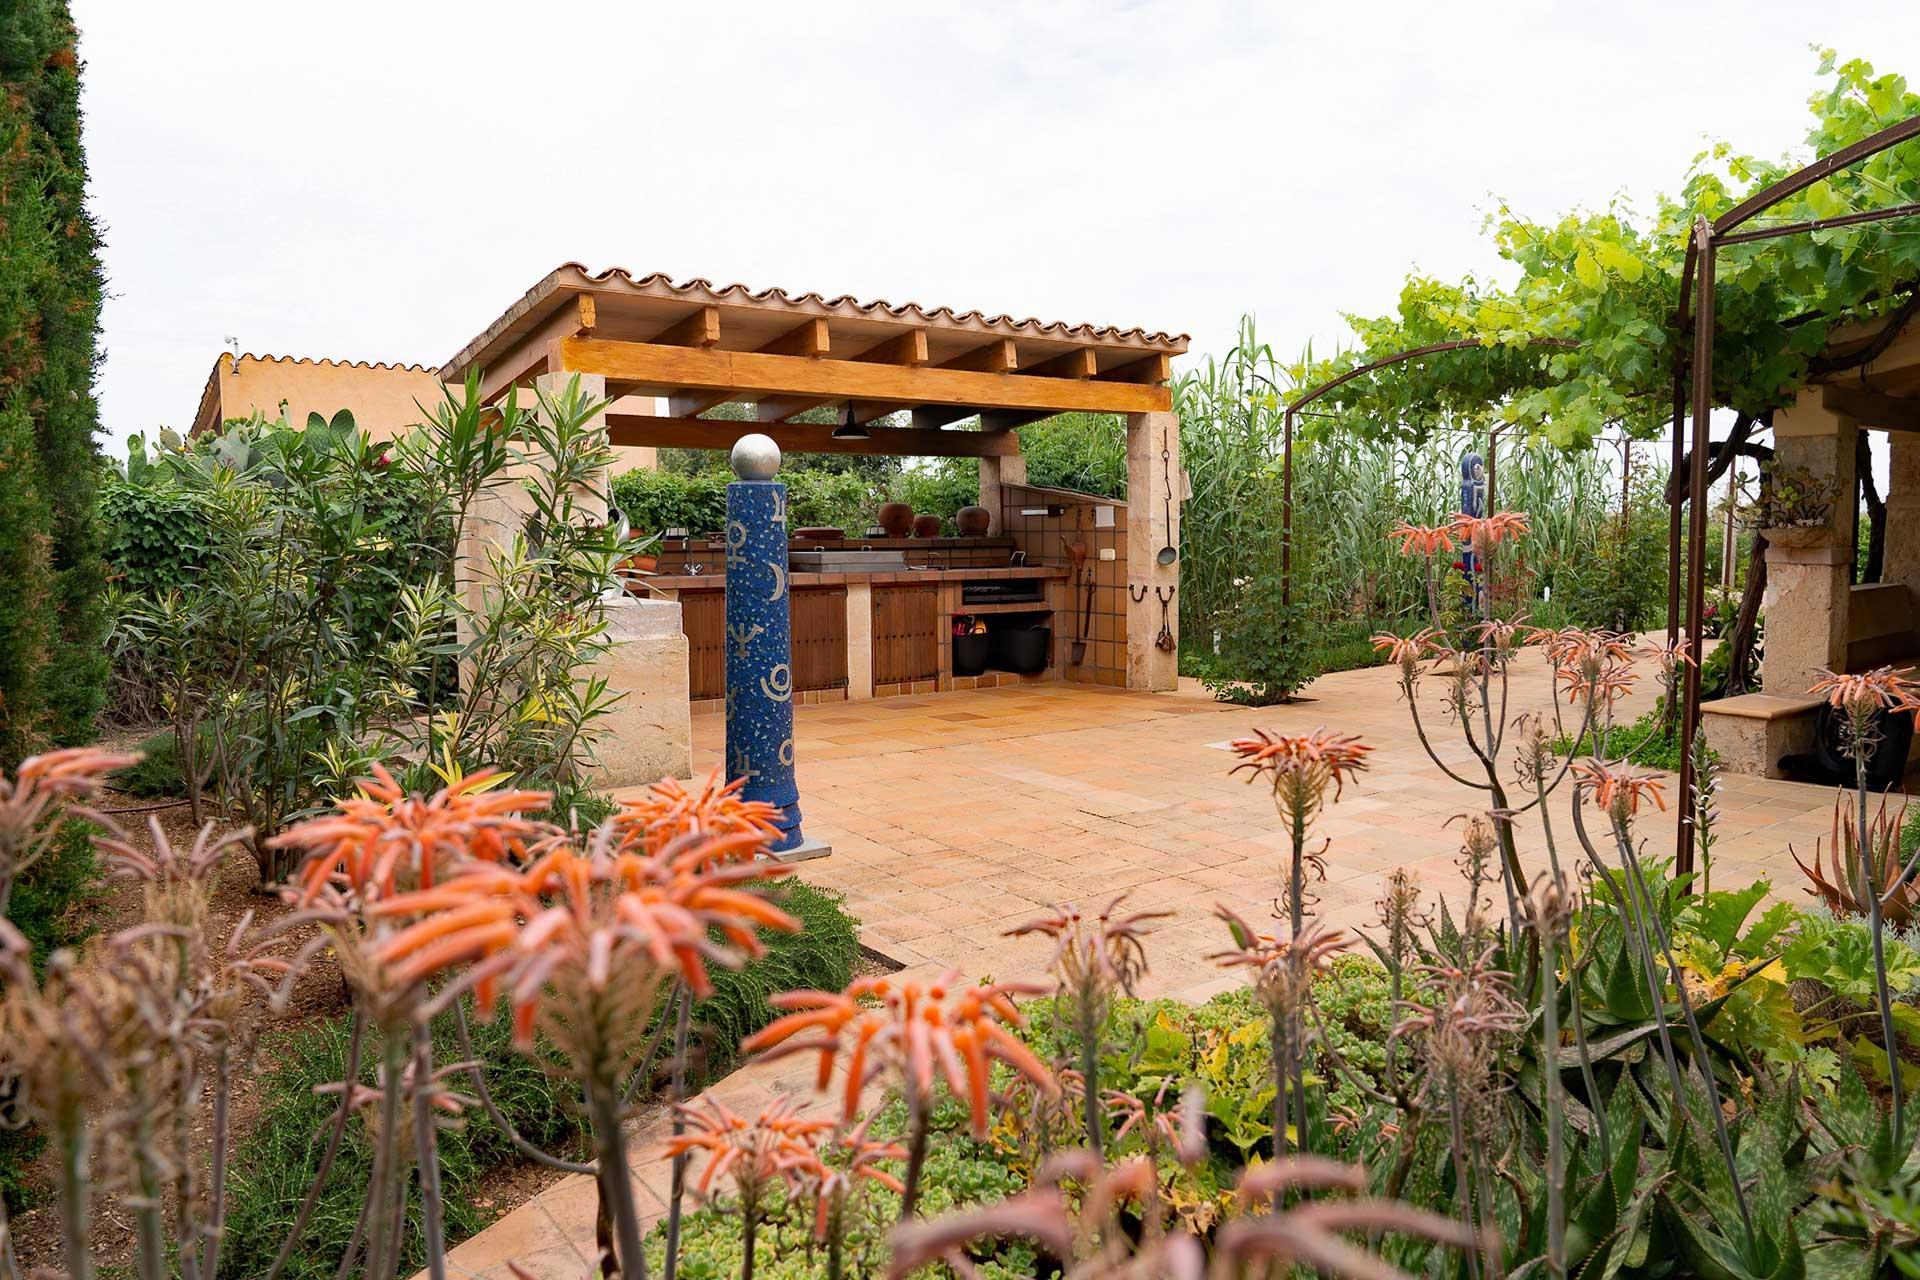 Finca C'an Murtera - Outdoor kitchen with terrace